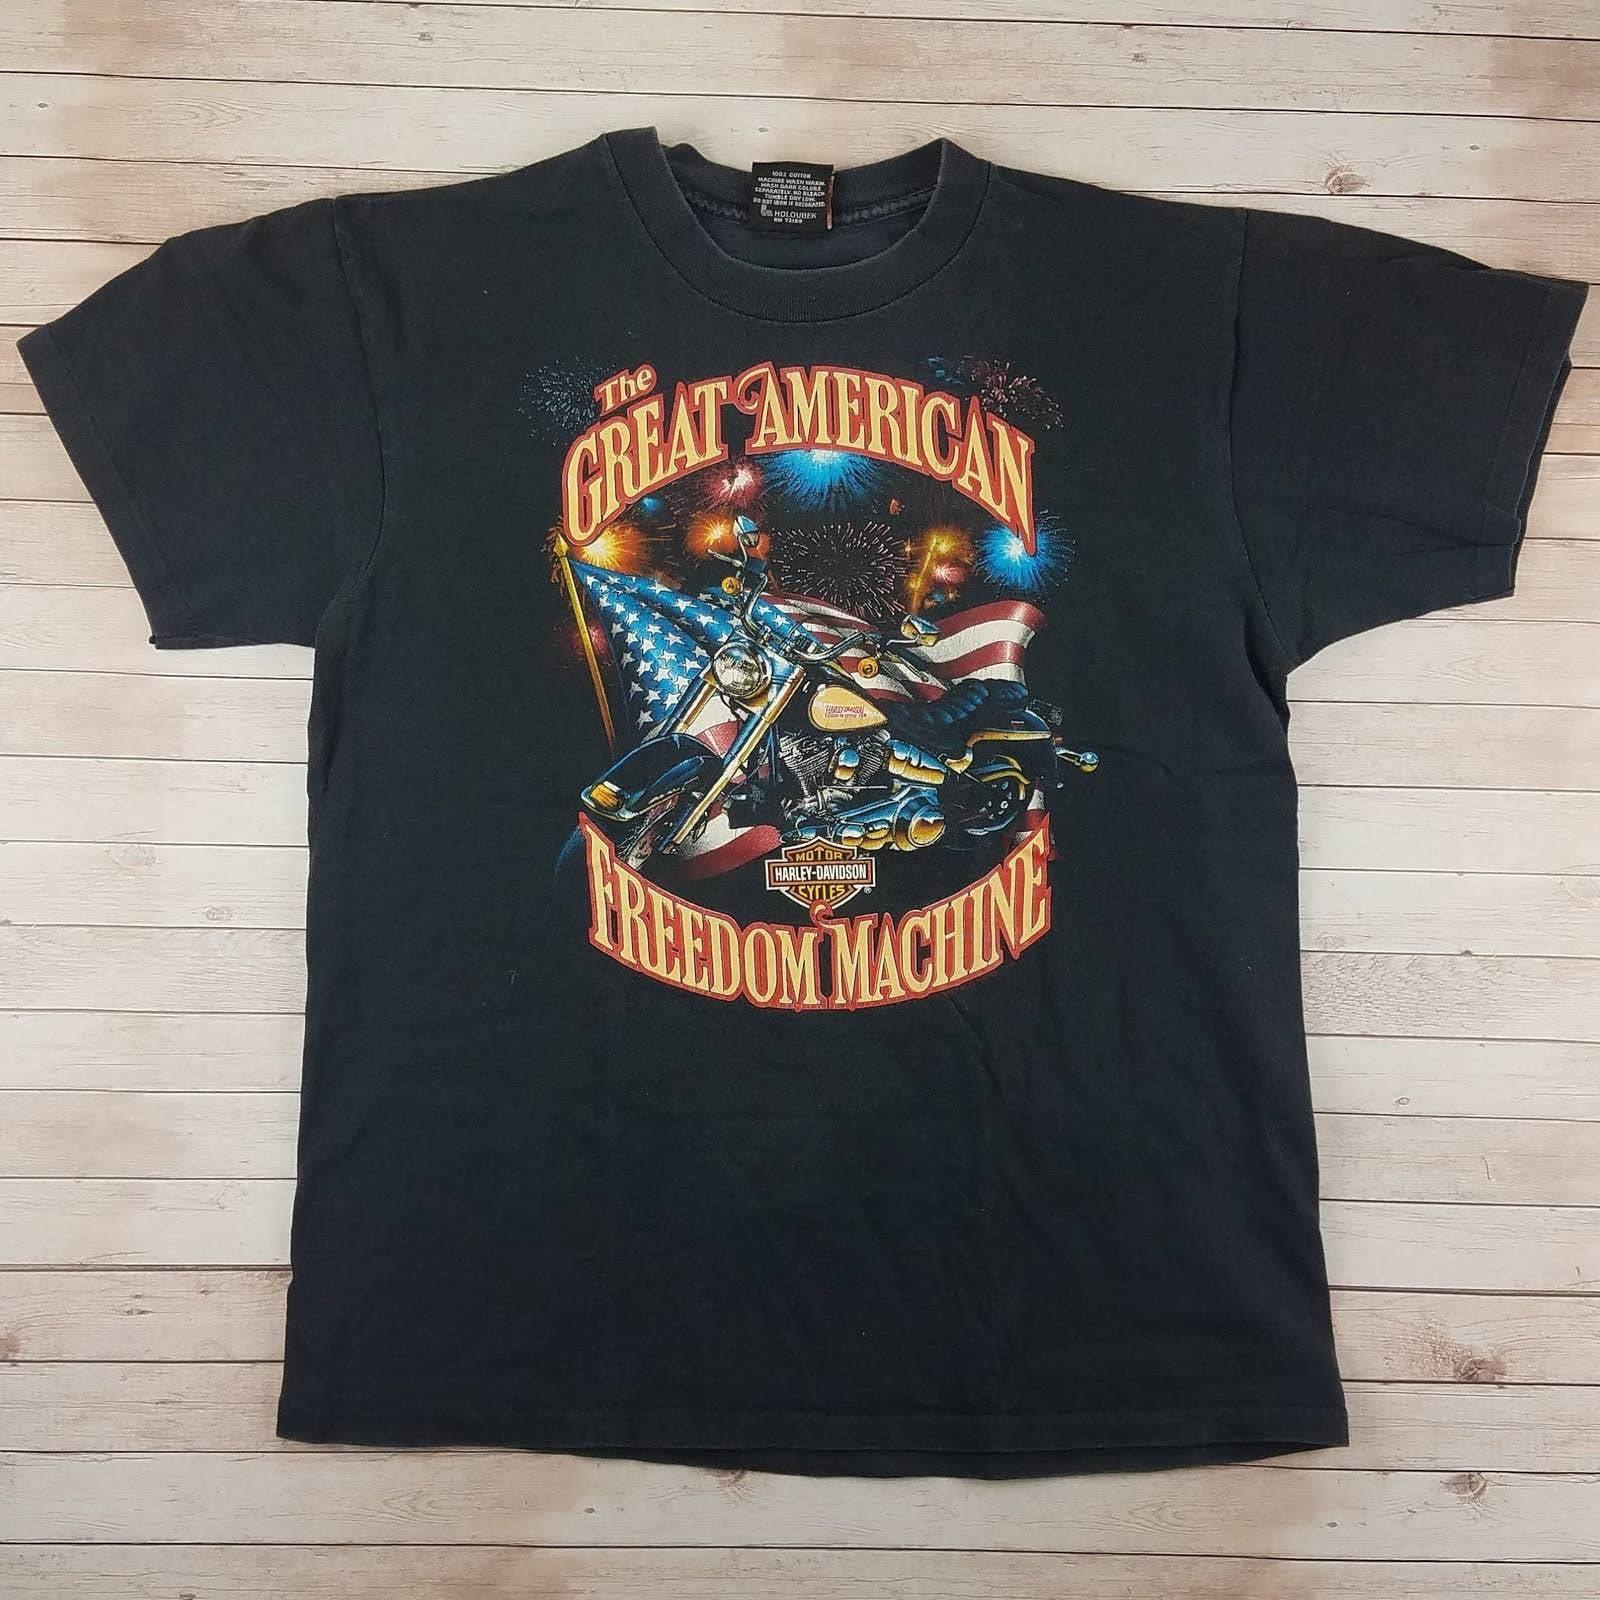 VTG 90s Harley Single Stitch Tee Shirt